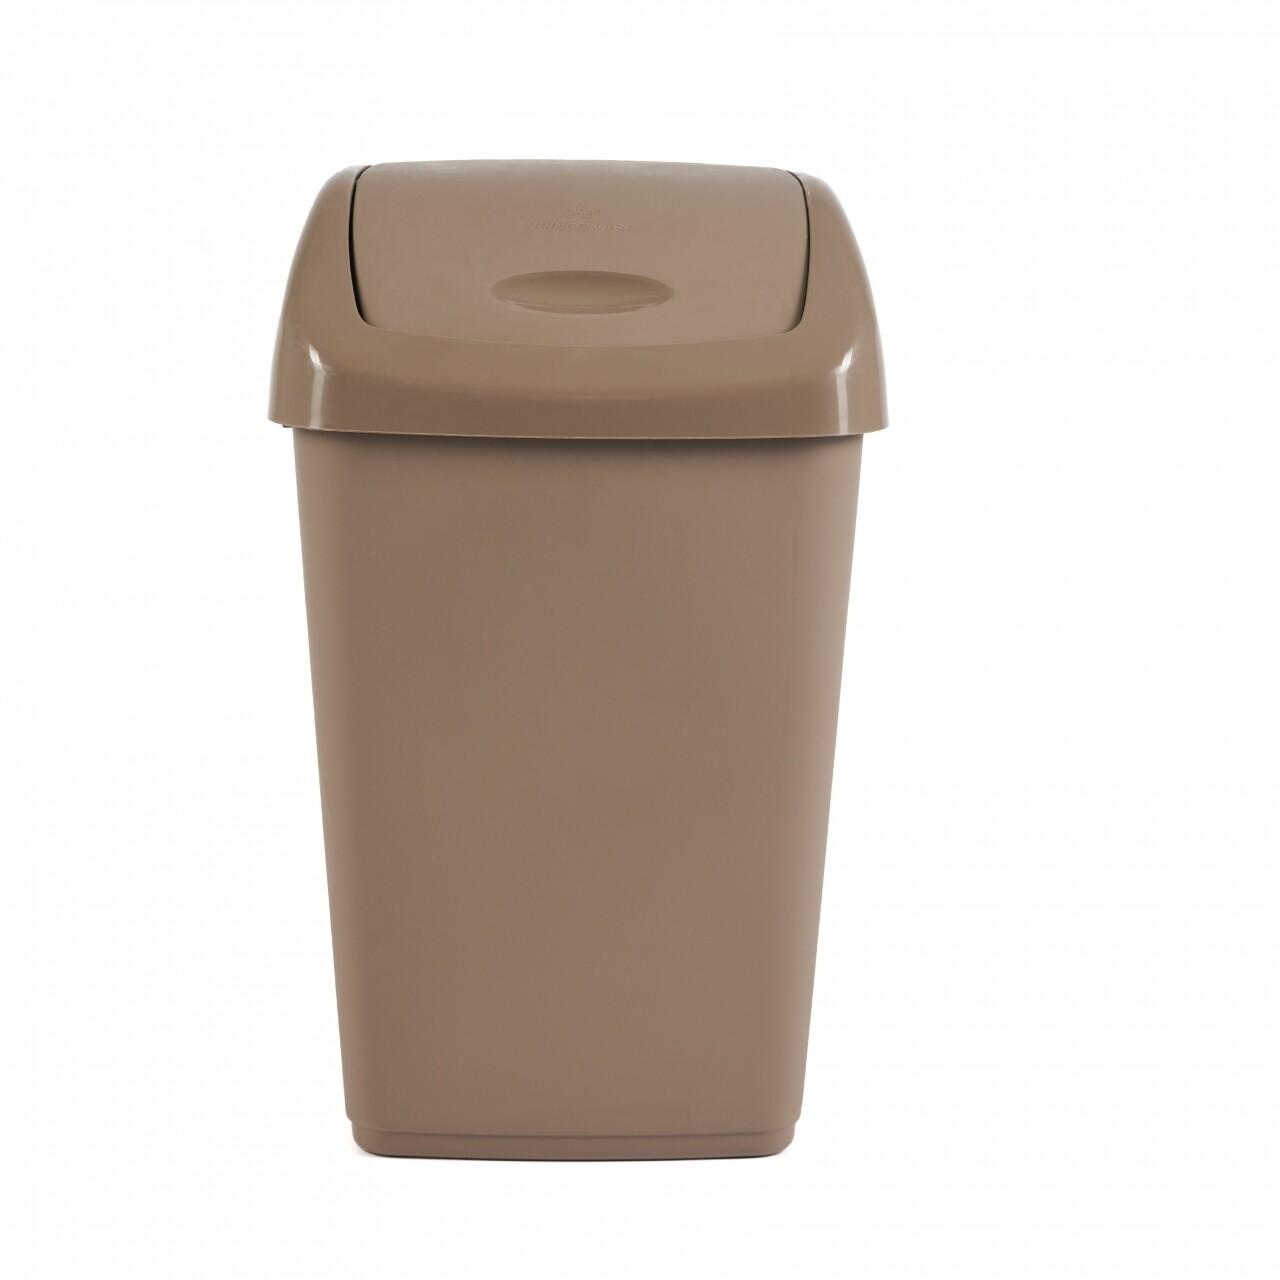 Cos de gunoi cu capac batant Kara Brown, 9L, Heinner, plastic, maro